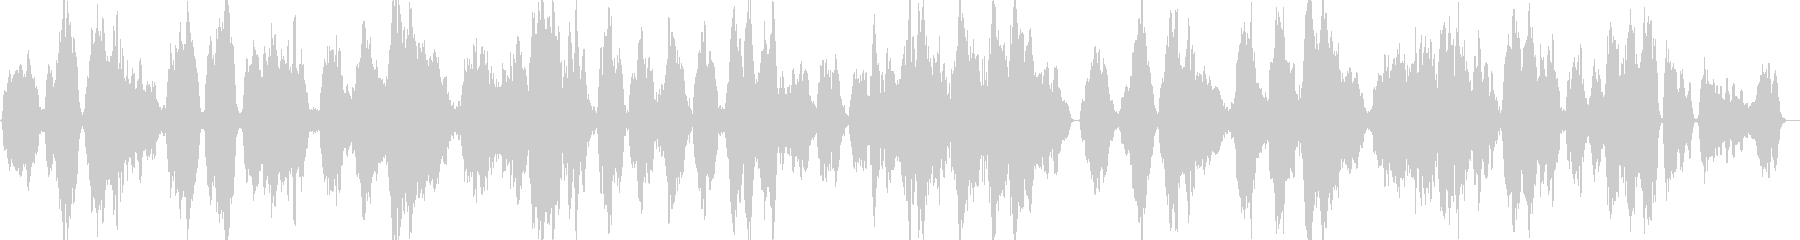 クラシック センチメンタル 感情的...の未再生の波形